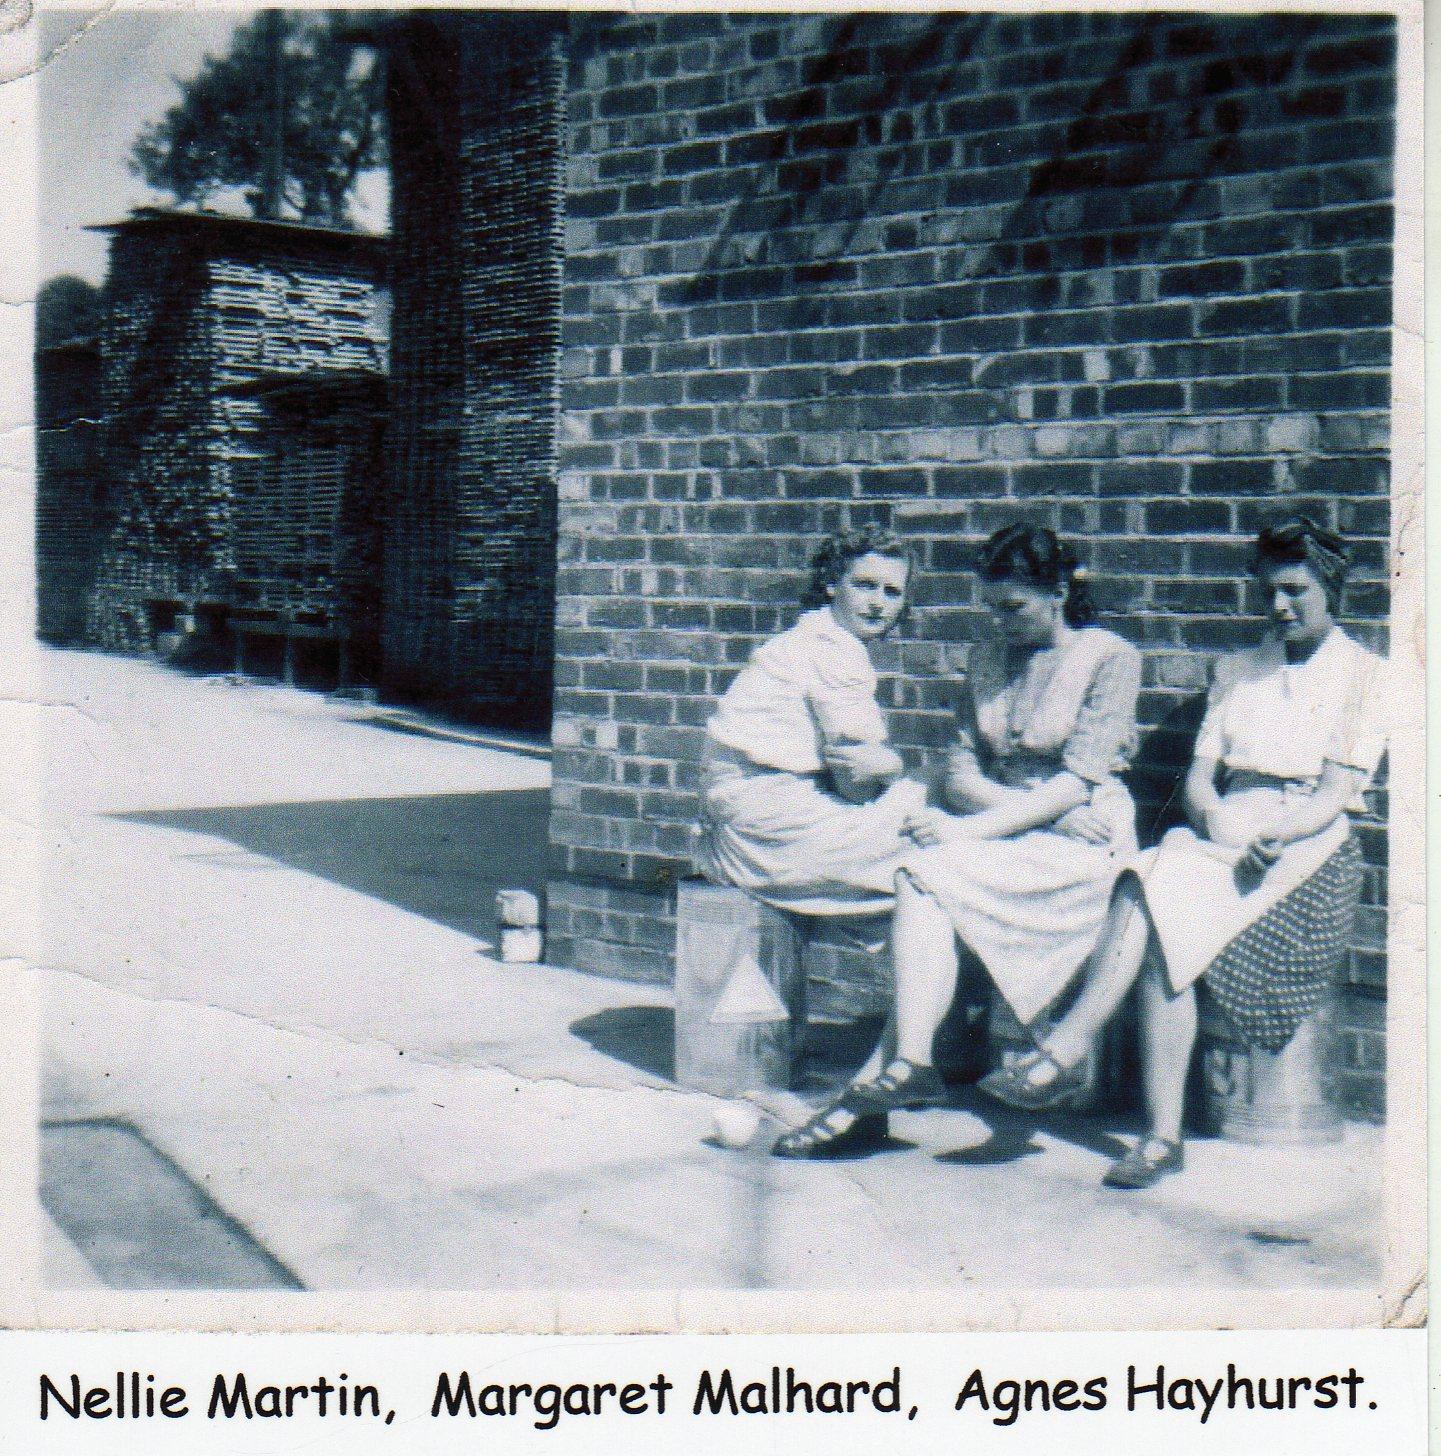 Nellie Martin, Margaret Malhard, Agnes Hayhurst